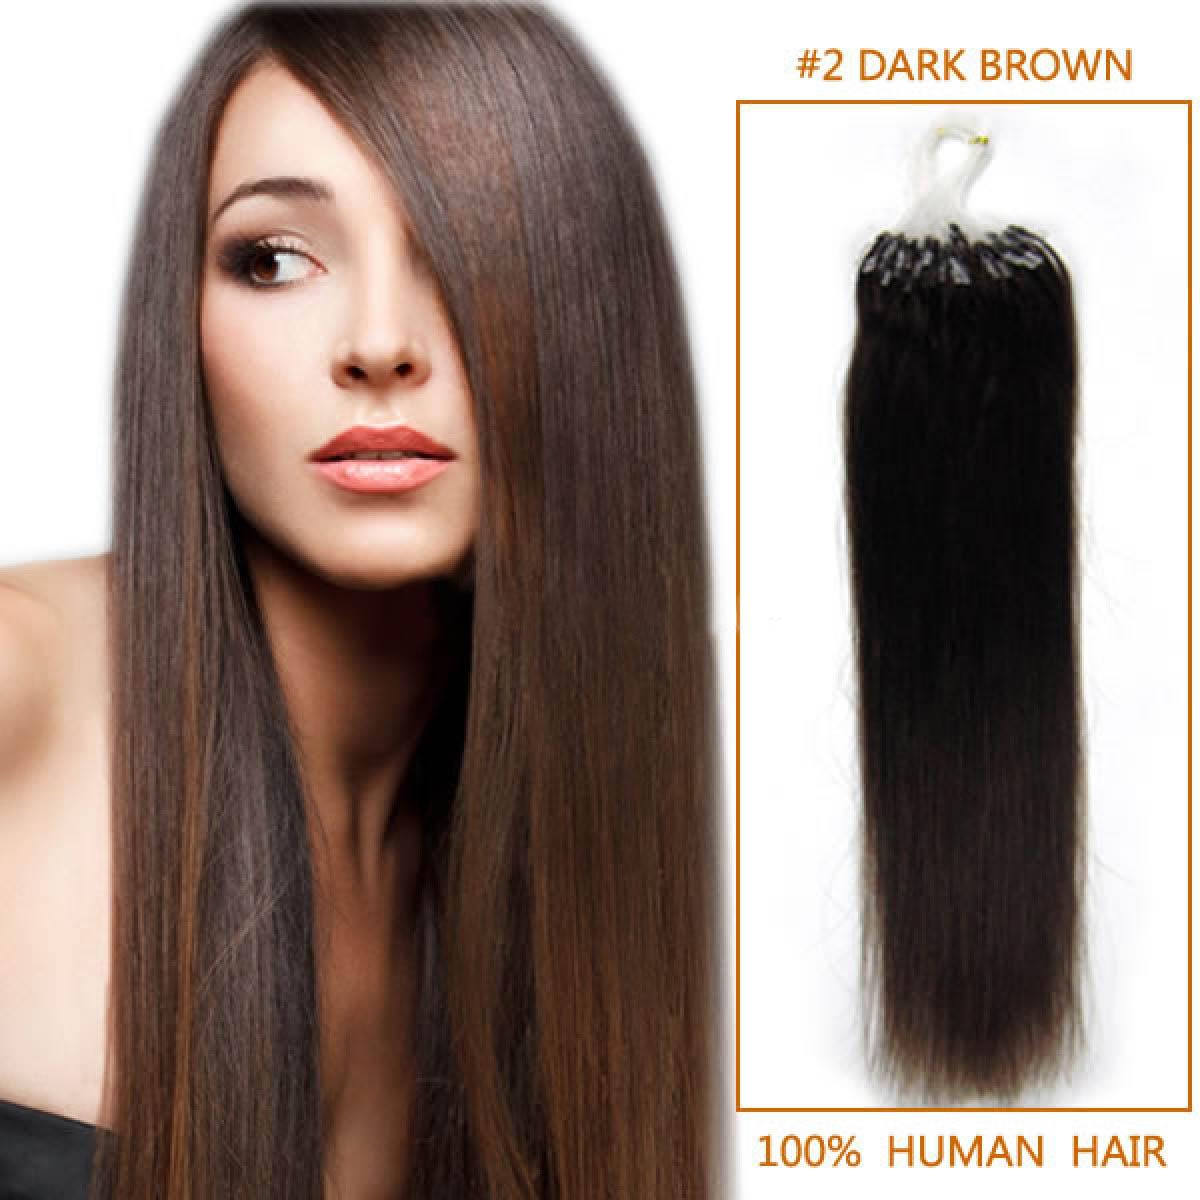 16 Inch 2 Dark Brown Micro Loop Human Hair Extensions 100S